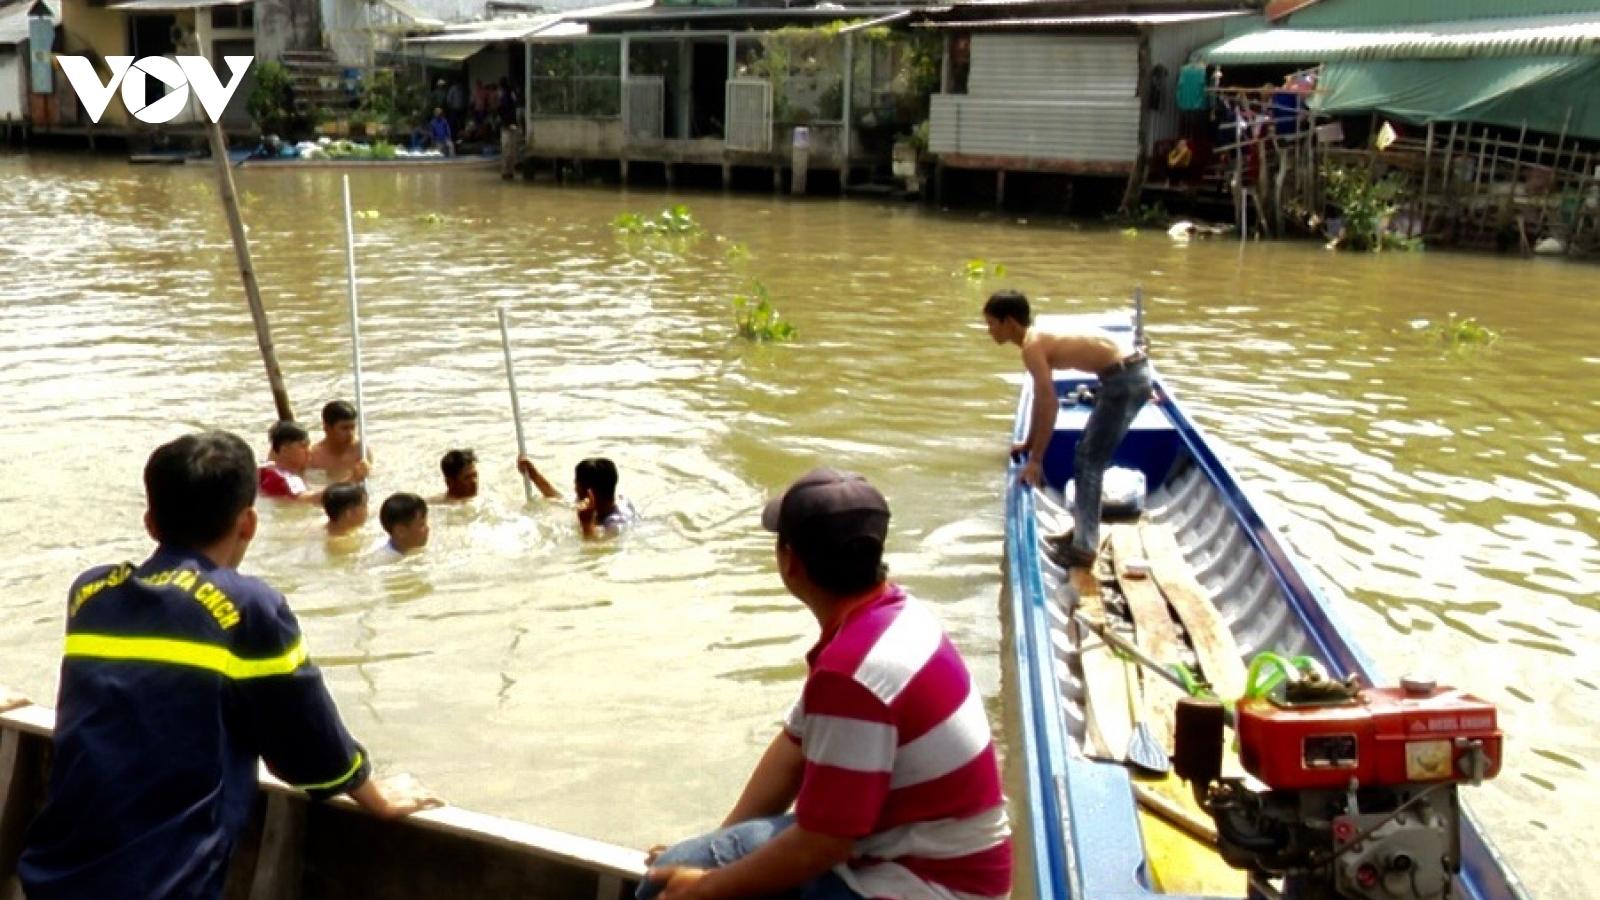 Chìm ghe sông Ba Láng xã Tân Phú Thạnh làm 1 người chết